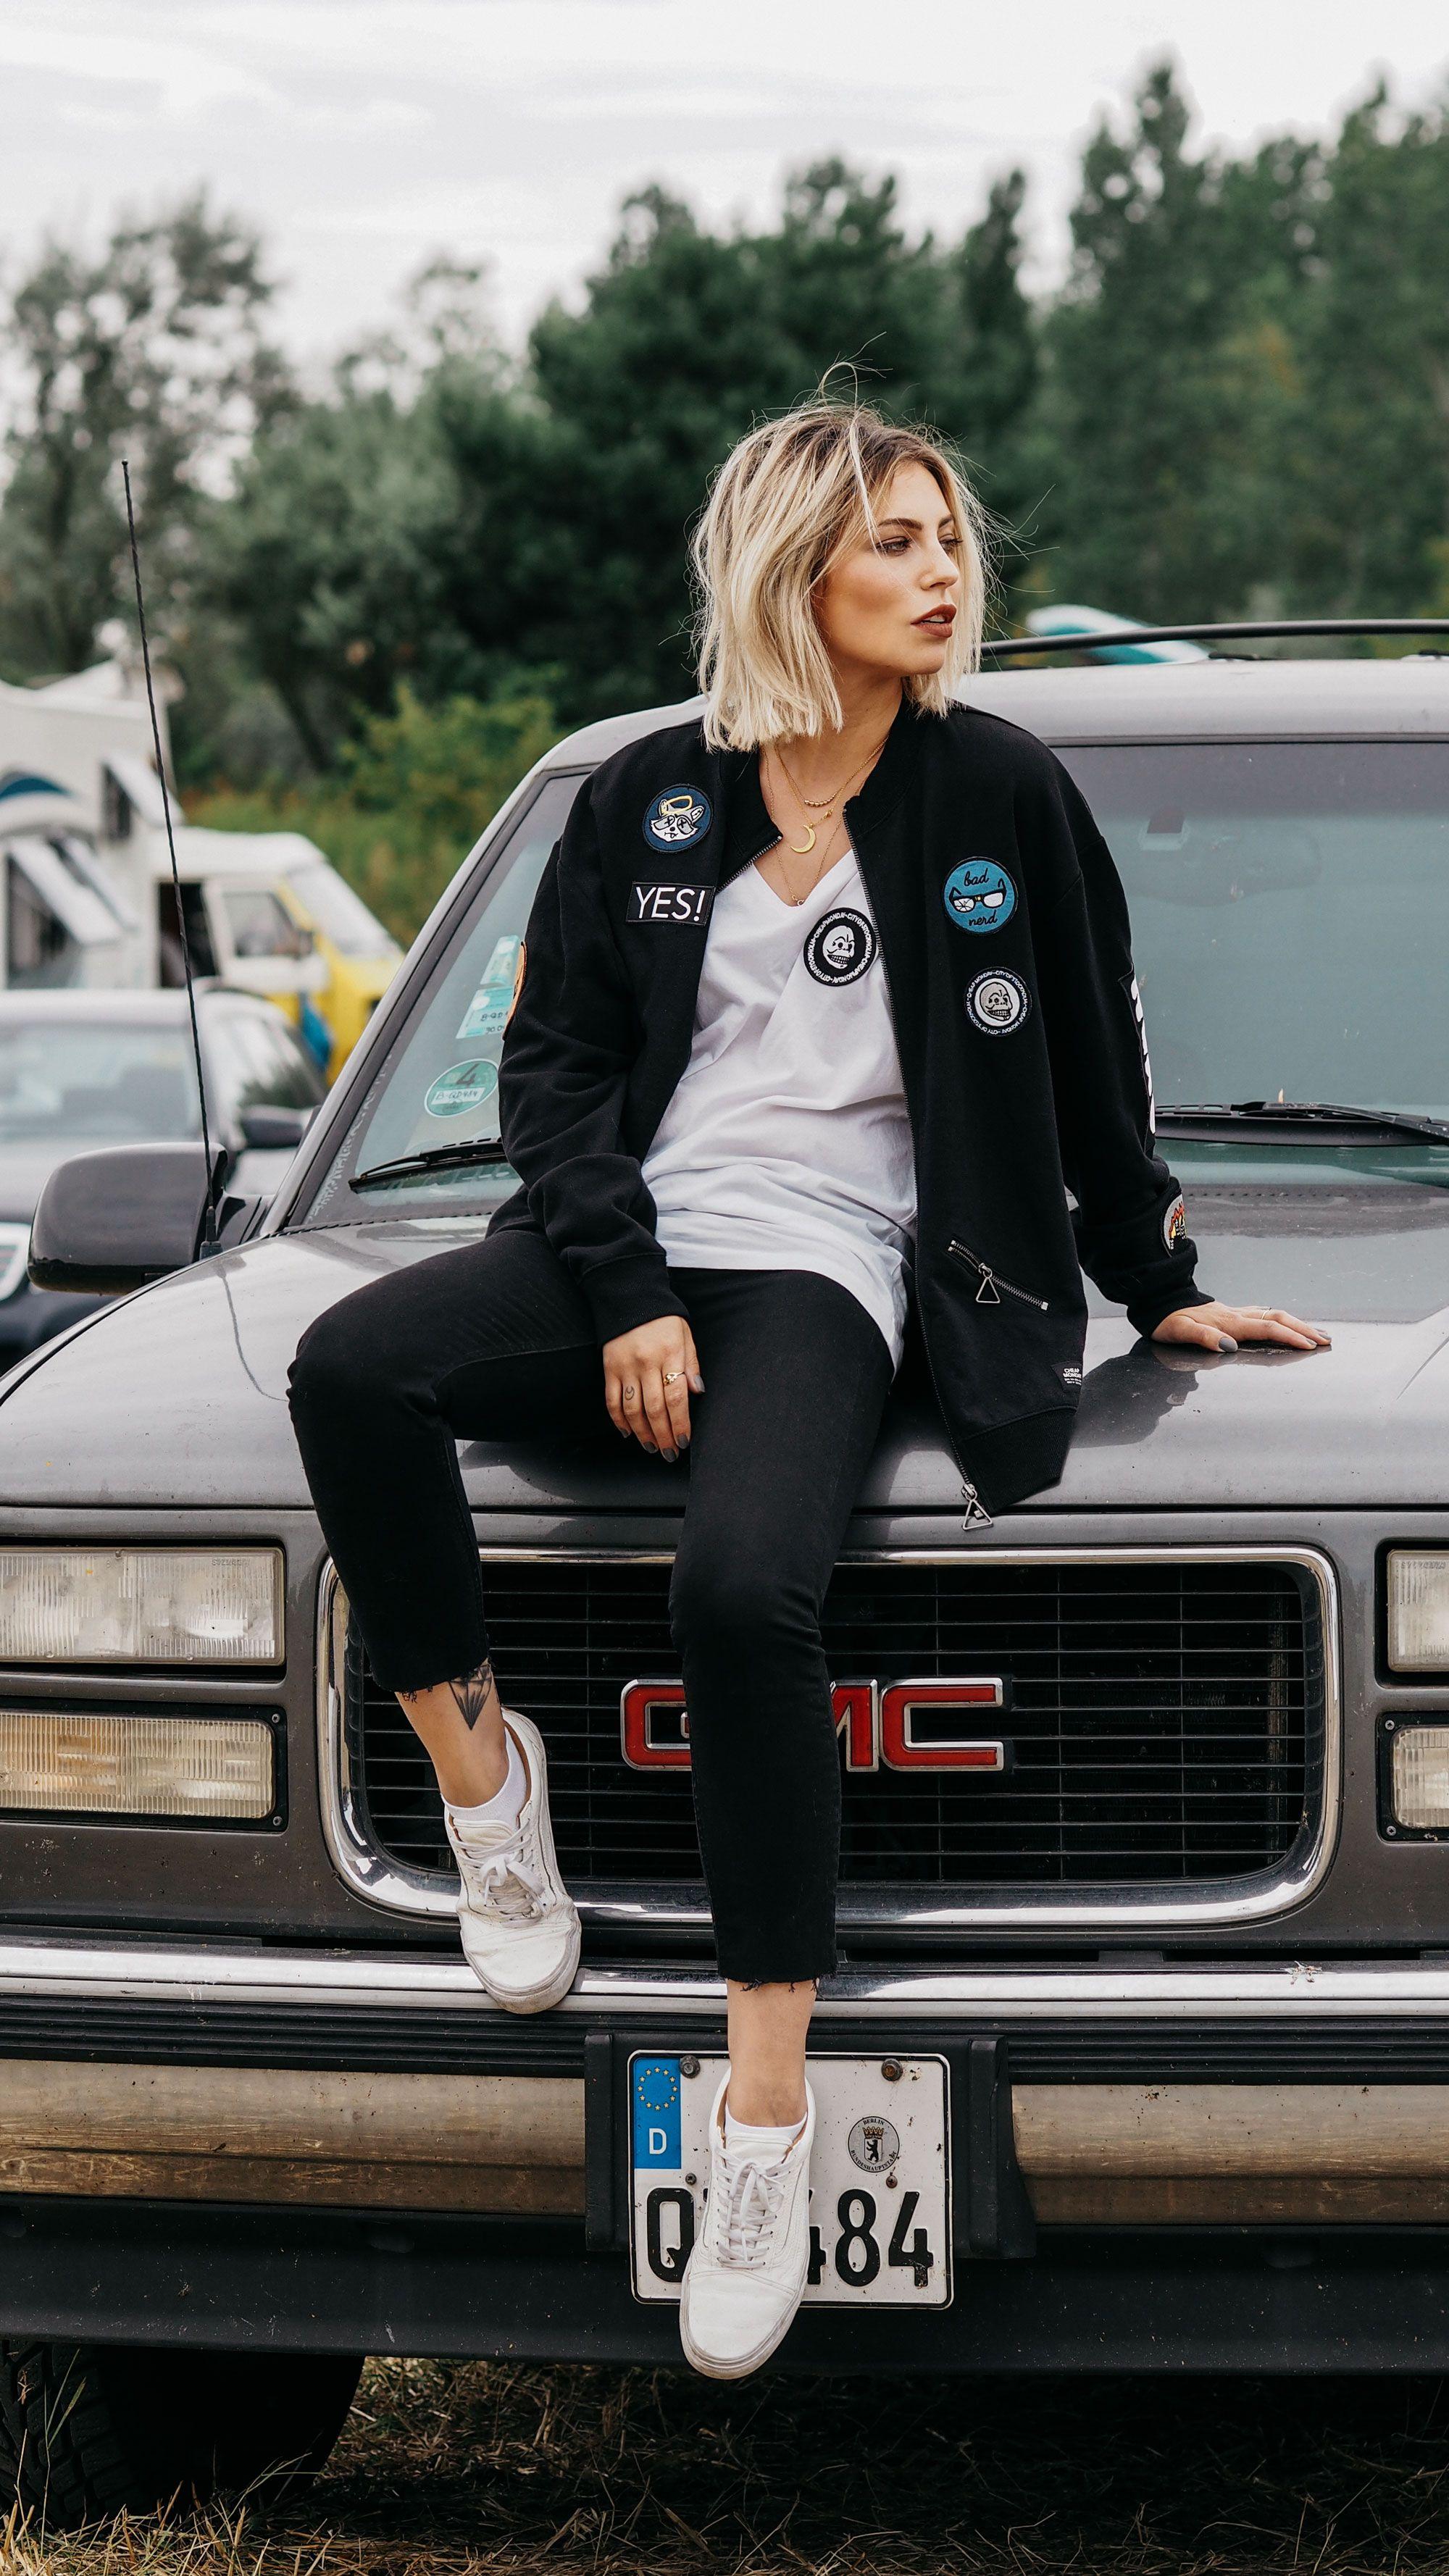 29. Wochenrückblick | Fashion Blog from Germany / Modeblog aus Deutschland, Berlin #edgybob